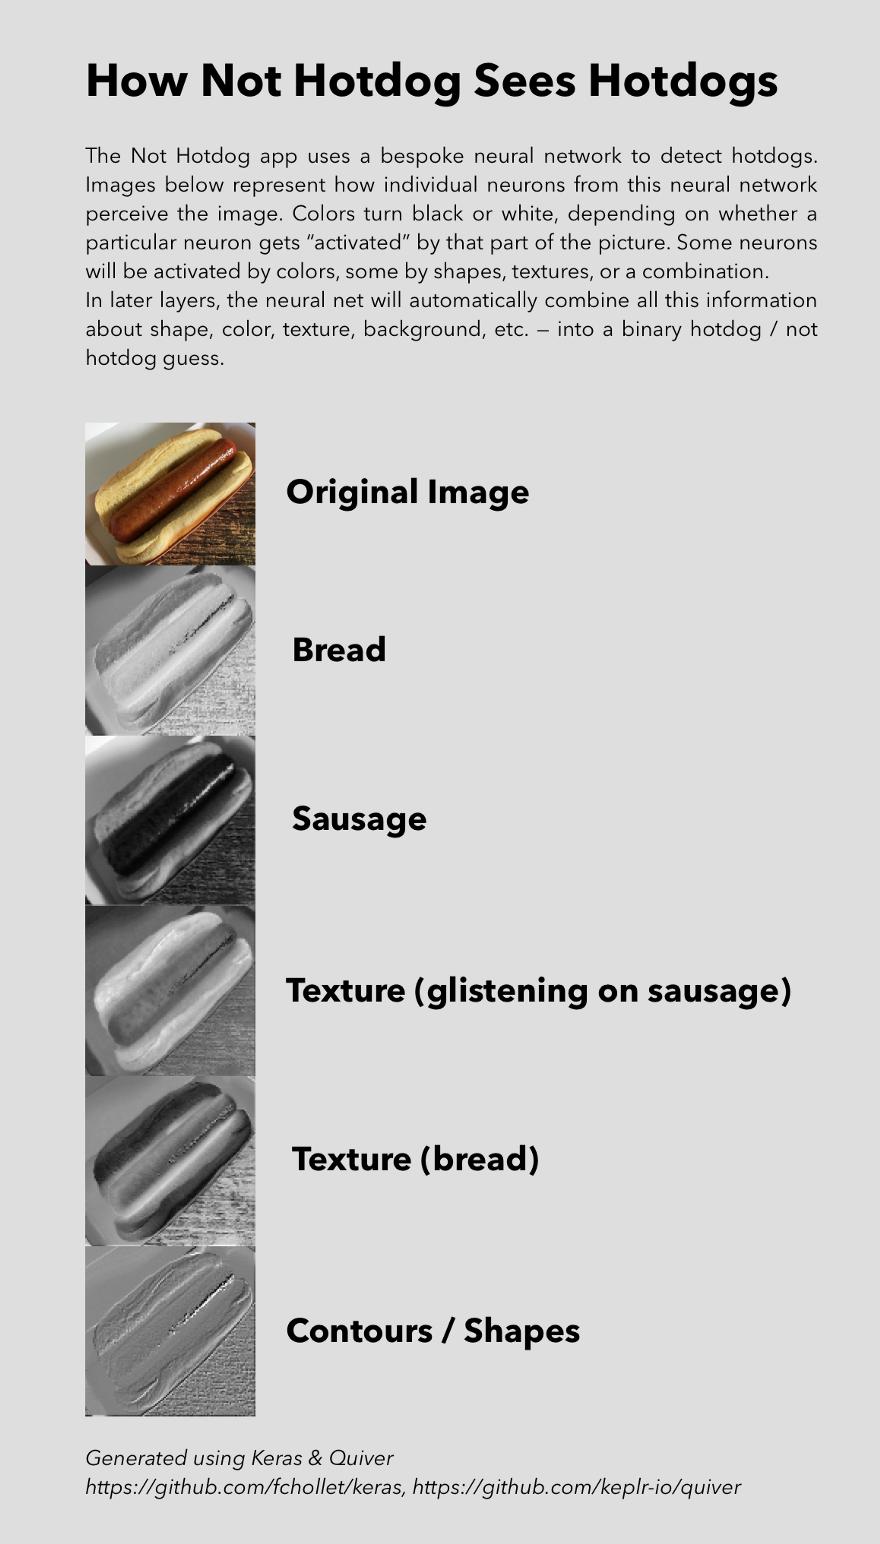 Как HBO делала приложение Not Hotdog для сериала «Кремниевая долина» - 10